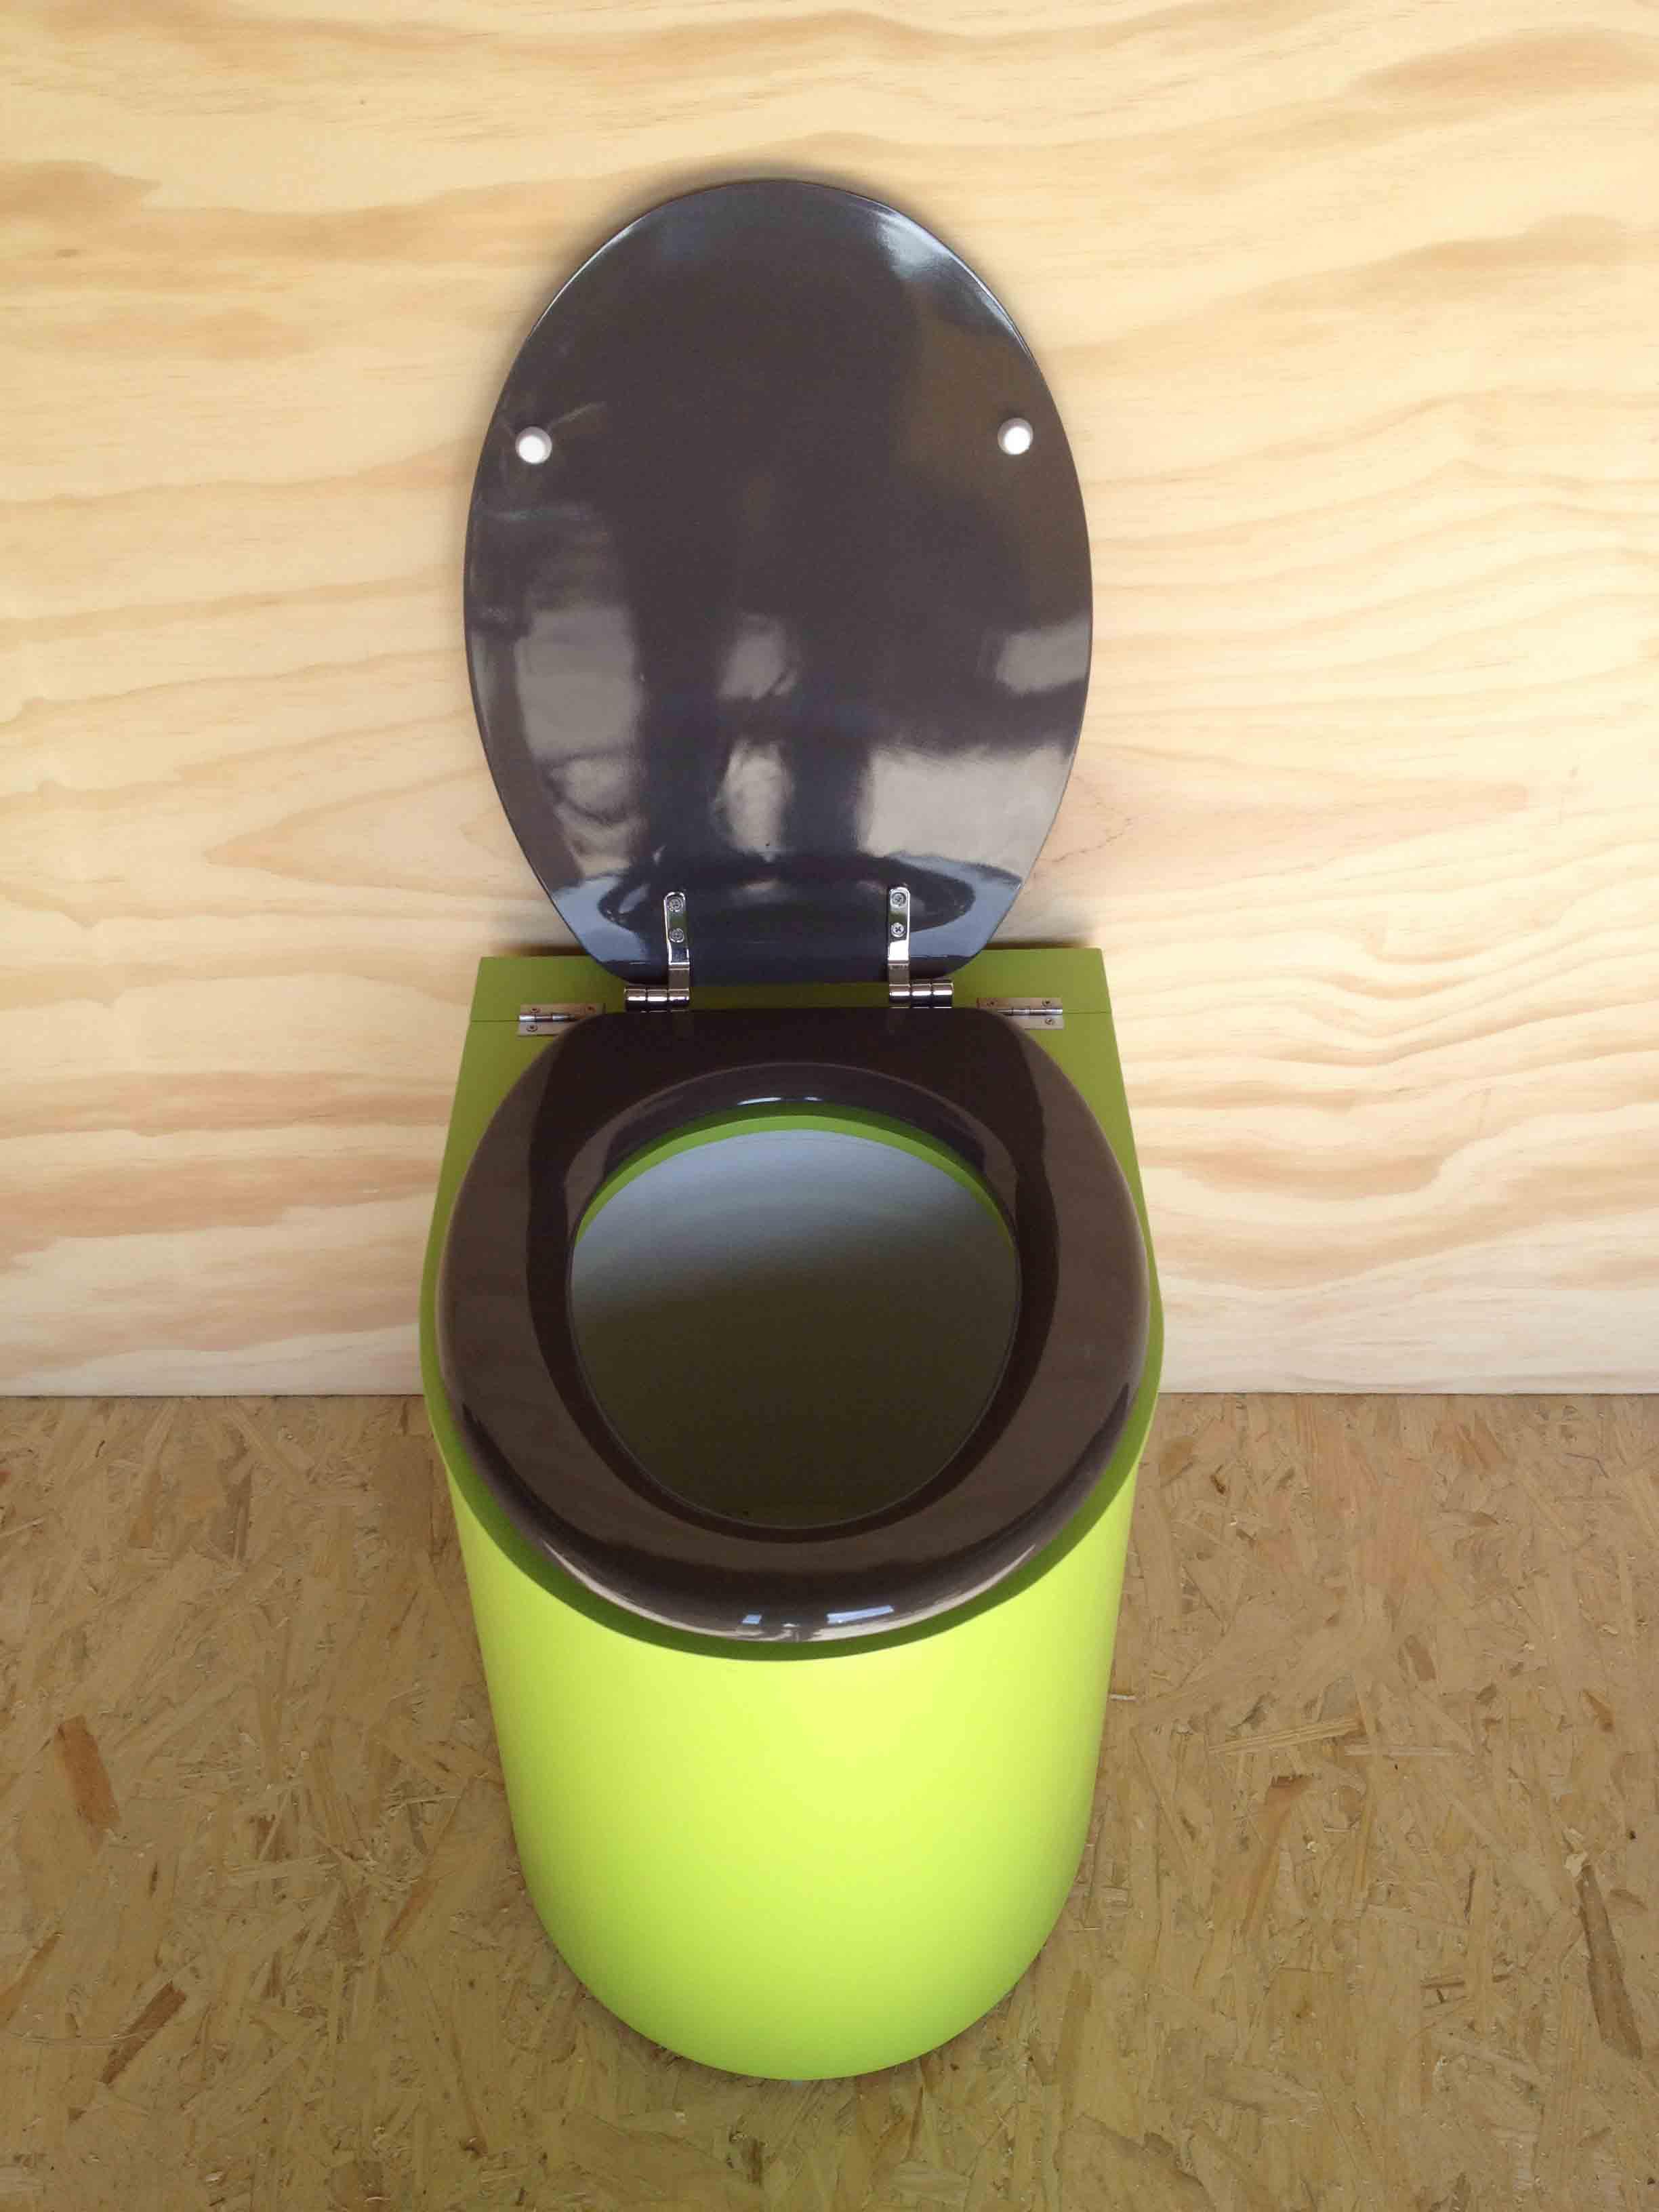 Toilette seche design verte